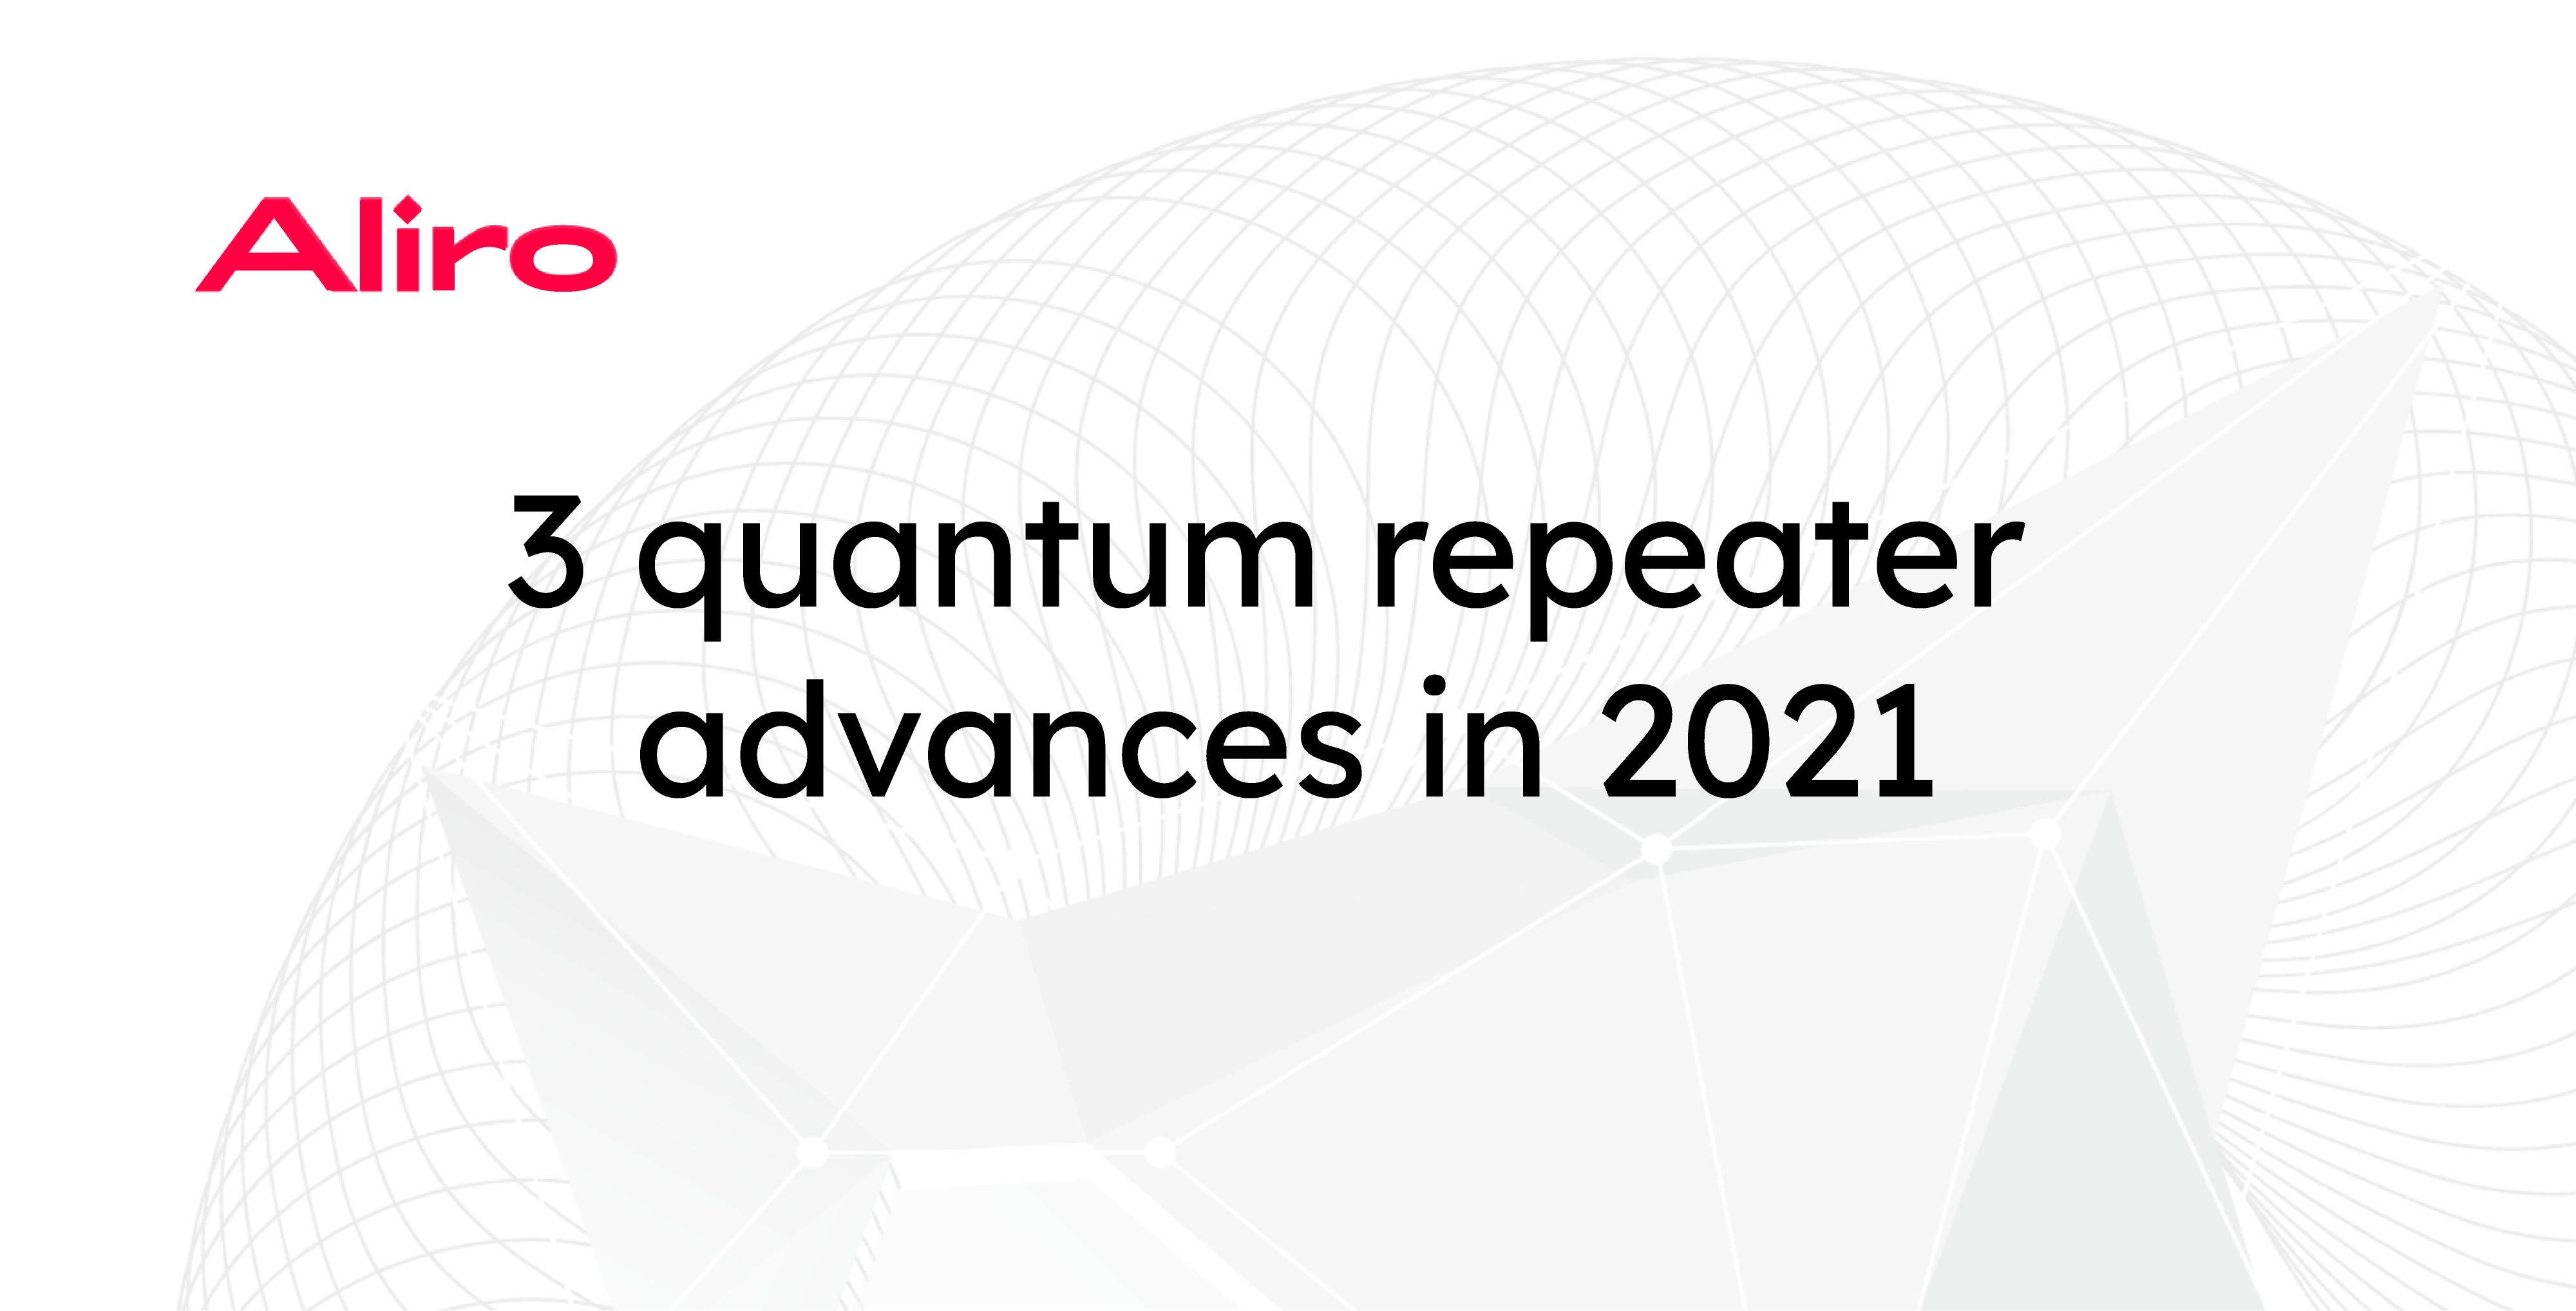 3 quantum repeater advances in 2021